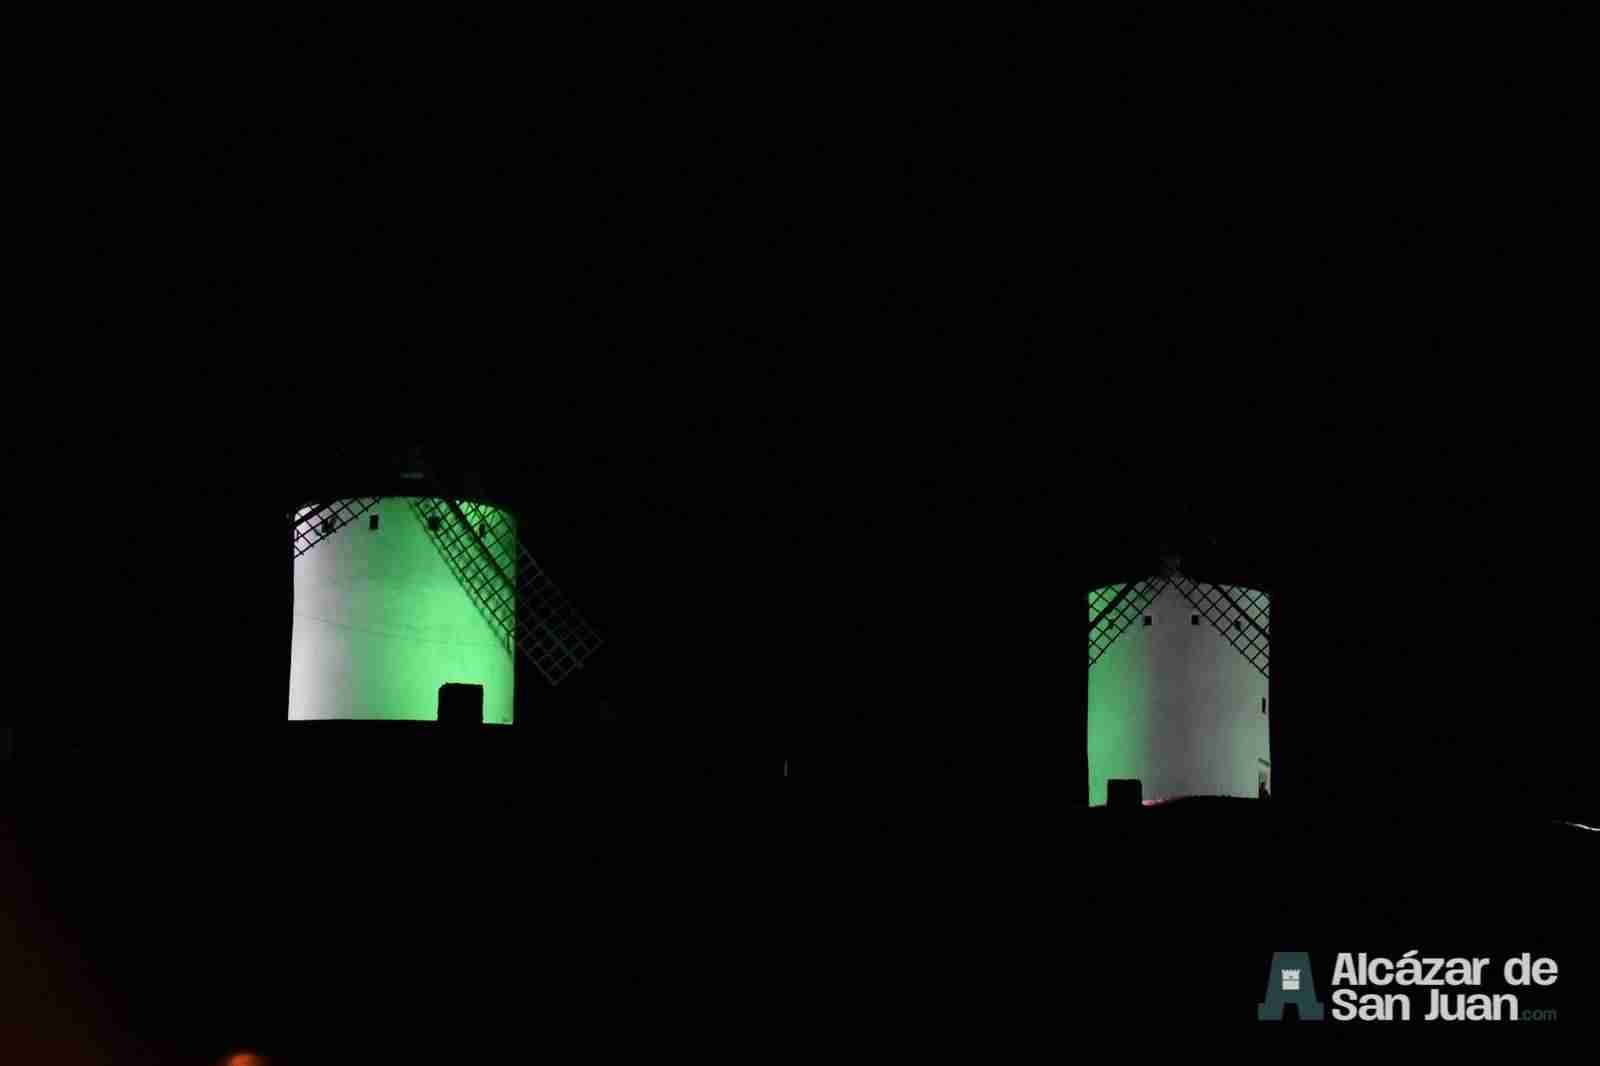 iluminacion artistica moninos viento alcazar san juan 4 - Todos los molinos de viento de Castilla-La Mancha con iluminación artística como reclamo artístico